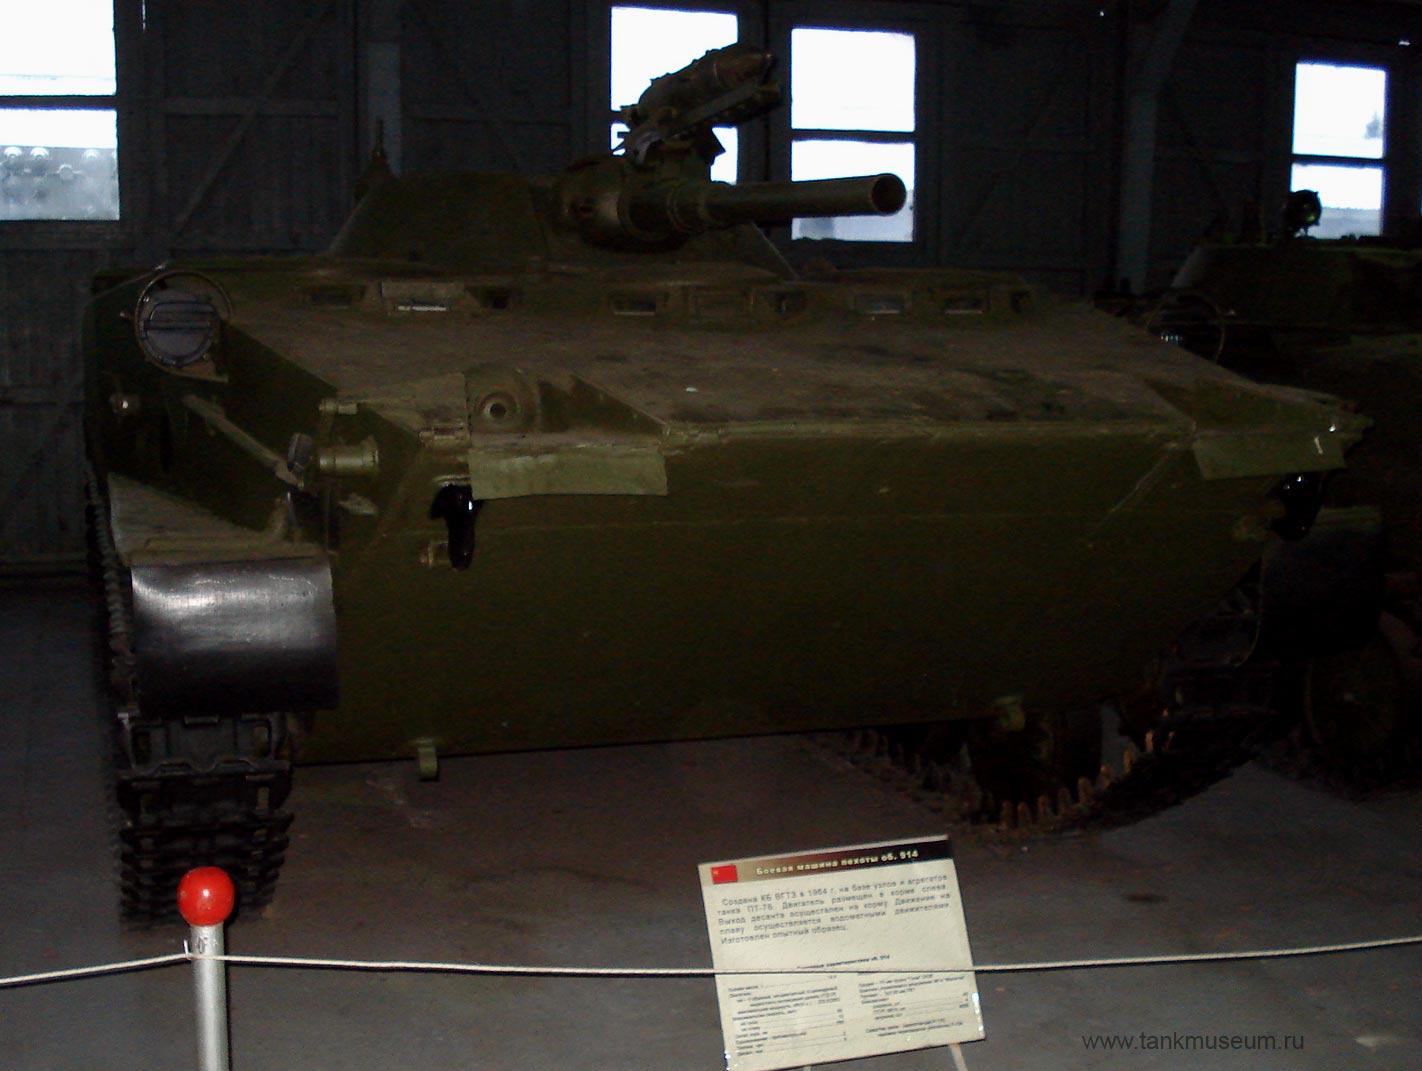 Боевая машина пехоты - объект 914 Танковый музей в Кубинке